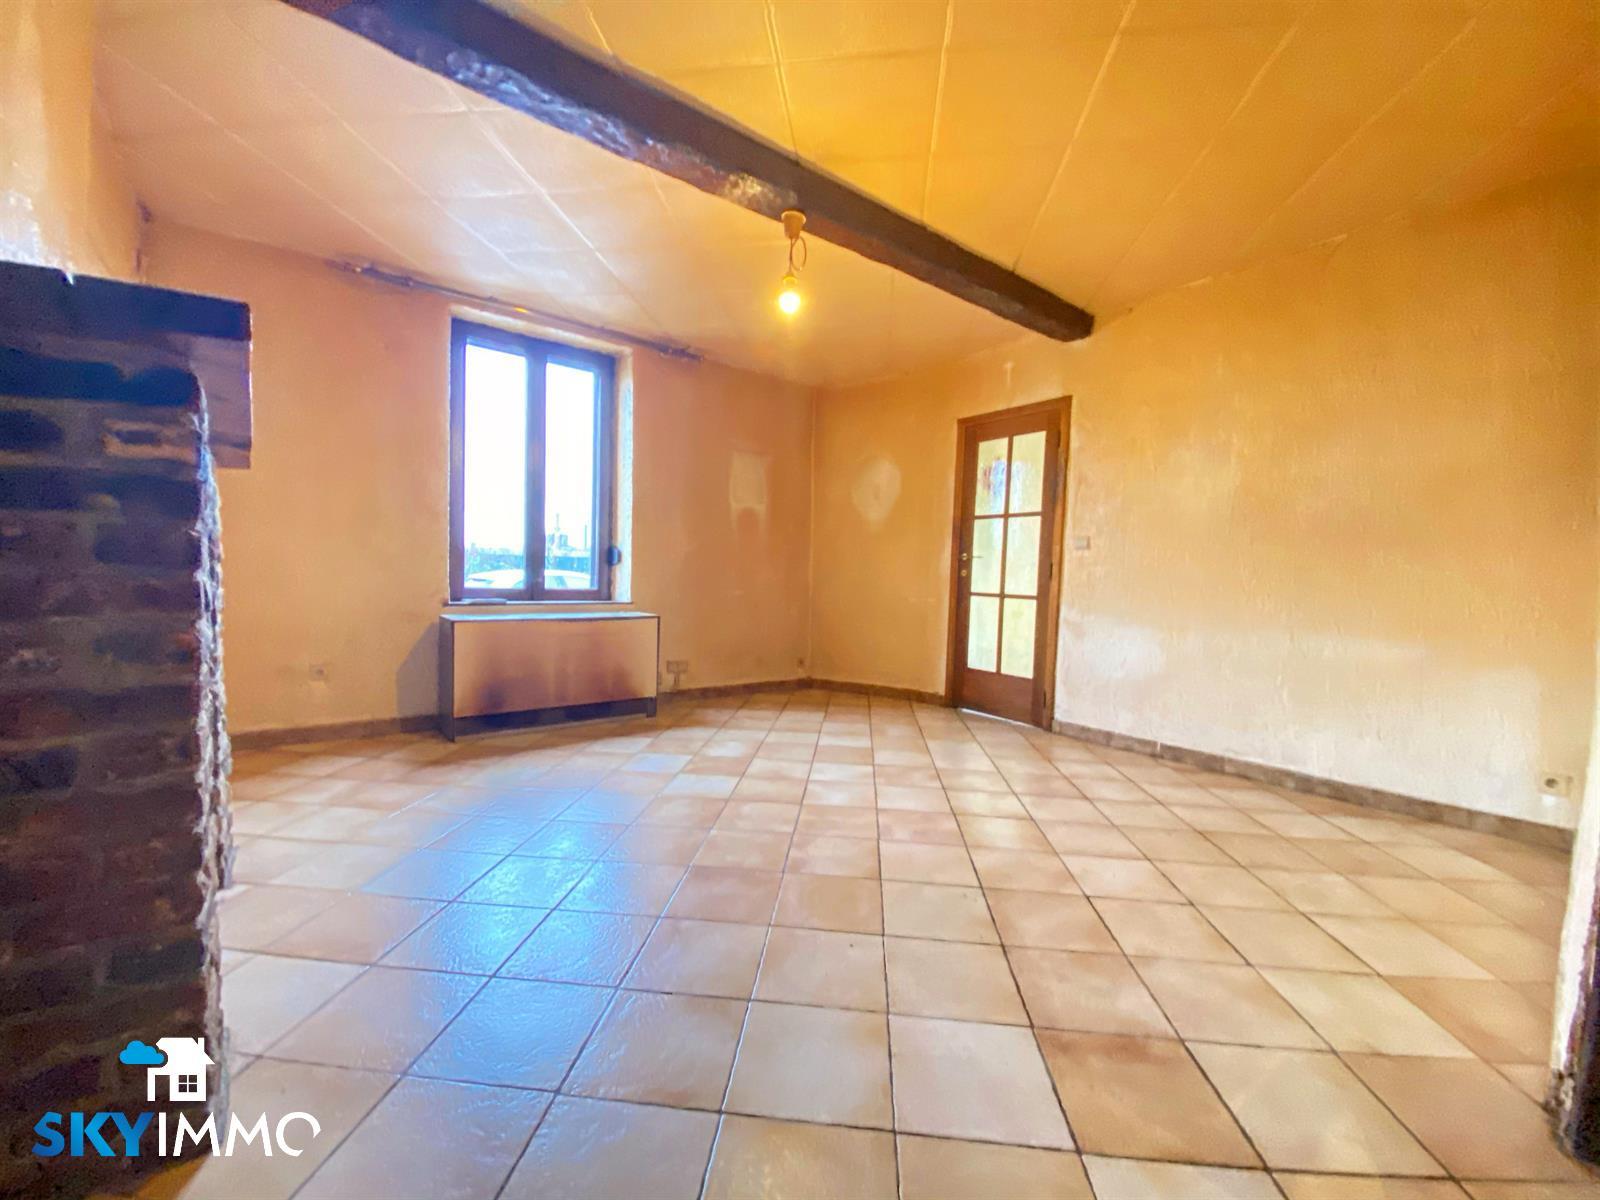 Maison - Seraing - #4223430-4